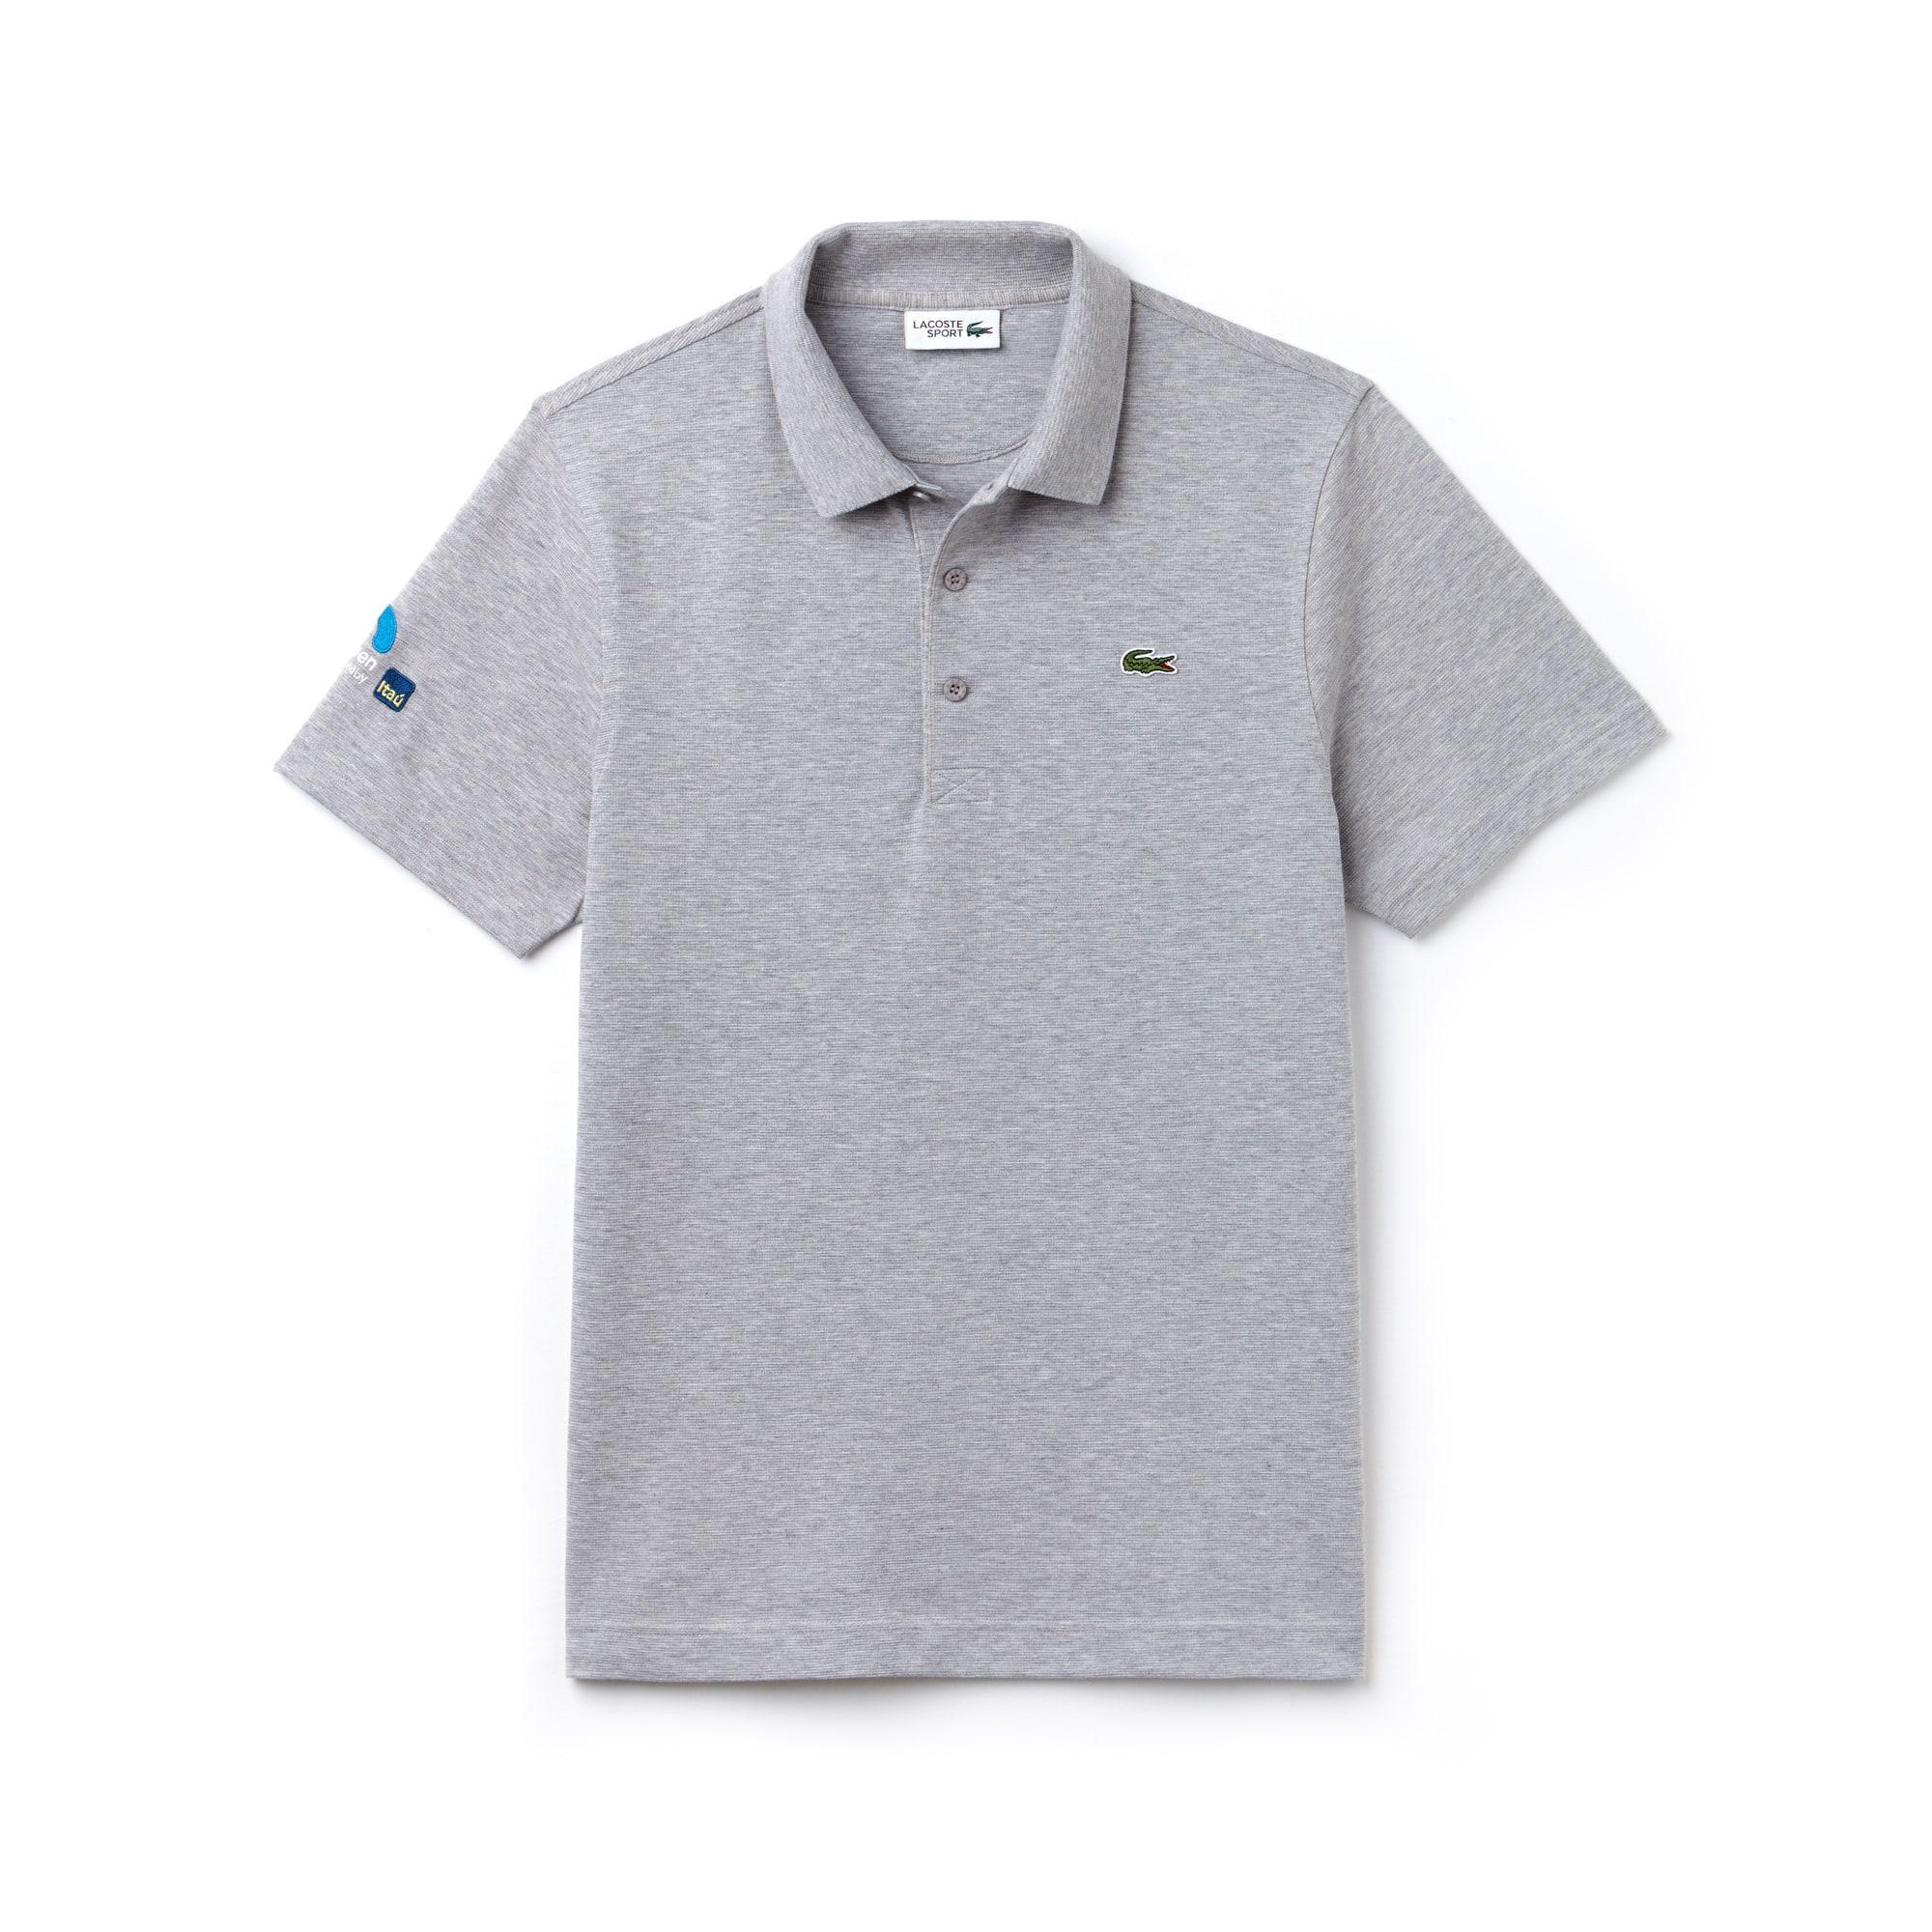 라코스테 스포츠 반팔 카라티 Lacoste Mens SPORT Miami Open Ultra-Light Cotton Tennis Polo,silver grey chine